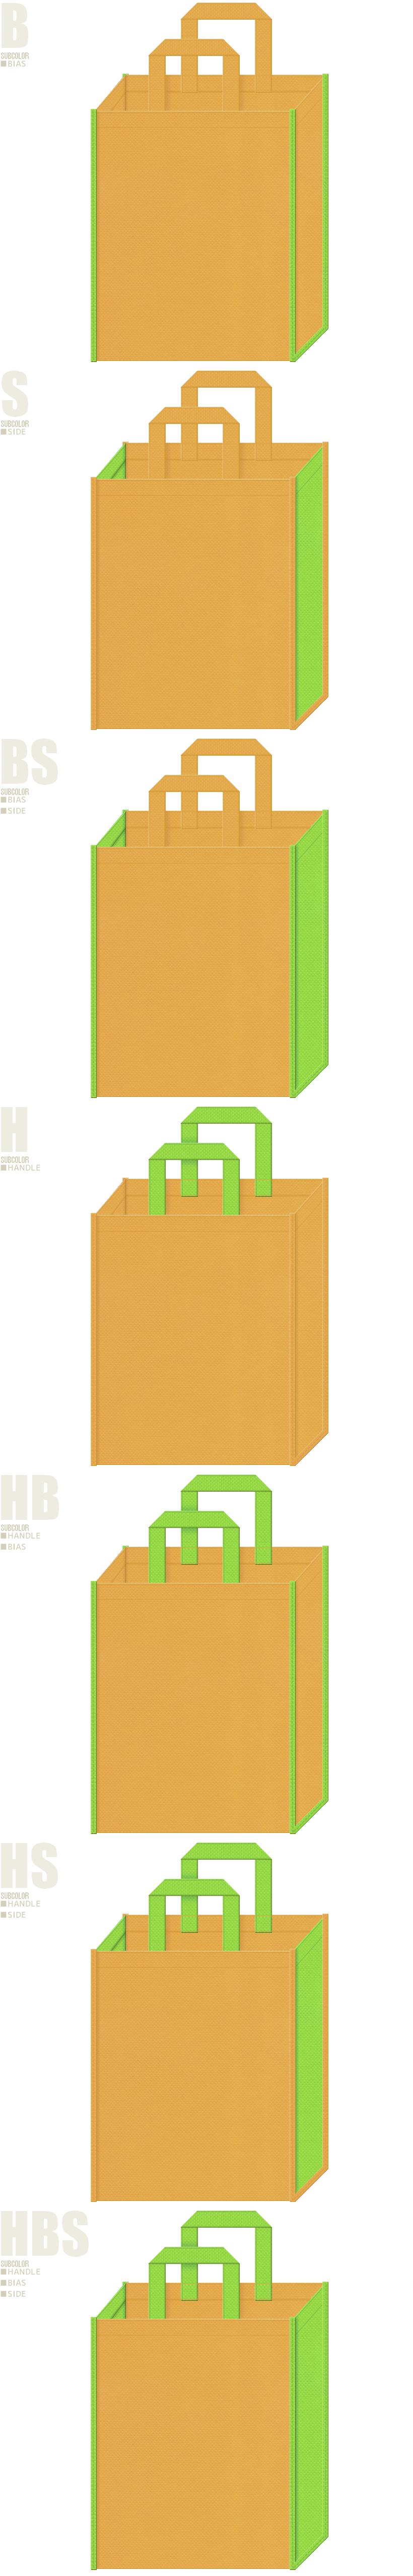 酪農・農業・種苗・肥料・野菜・産直市場・牧場イベントにお奨めの不織布バッグデザイン:黄土色と黄緑色の配色7パターン